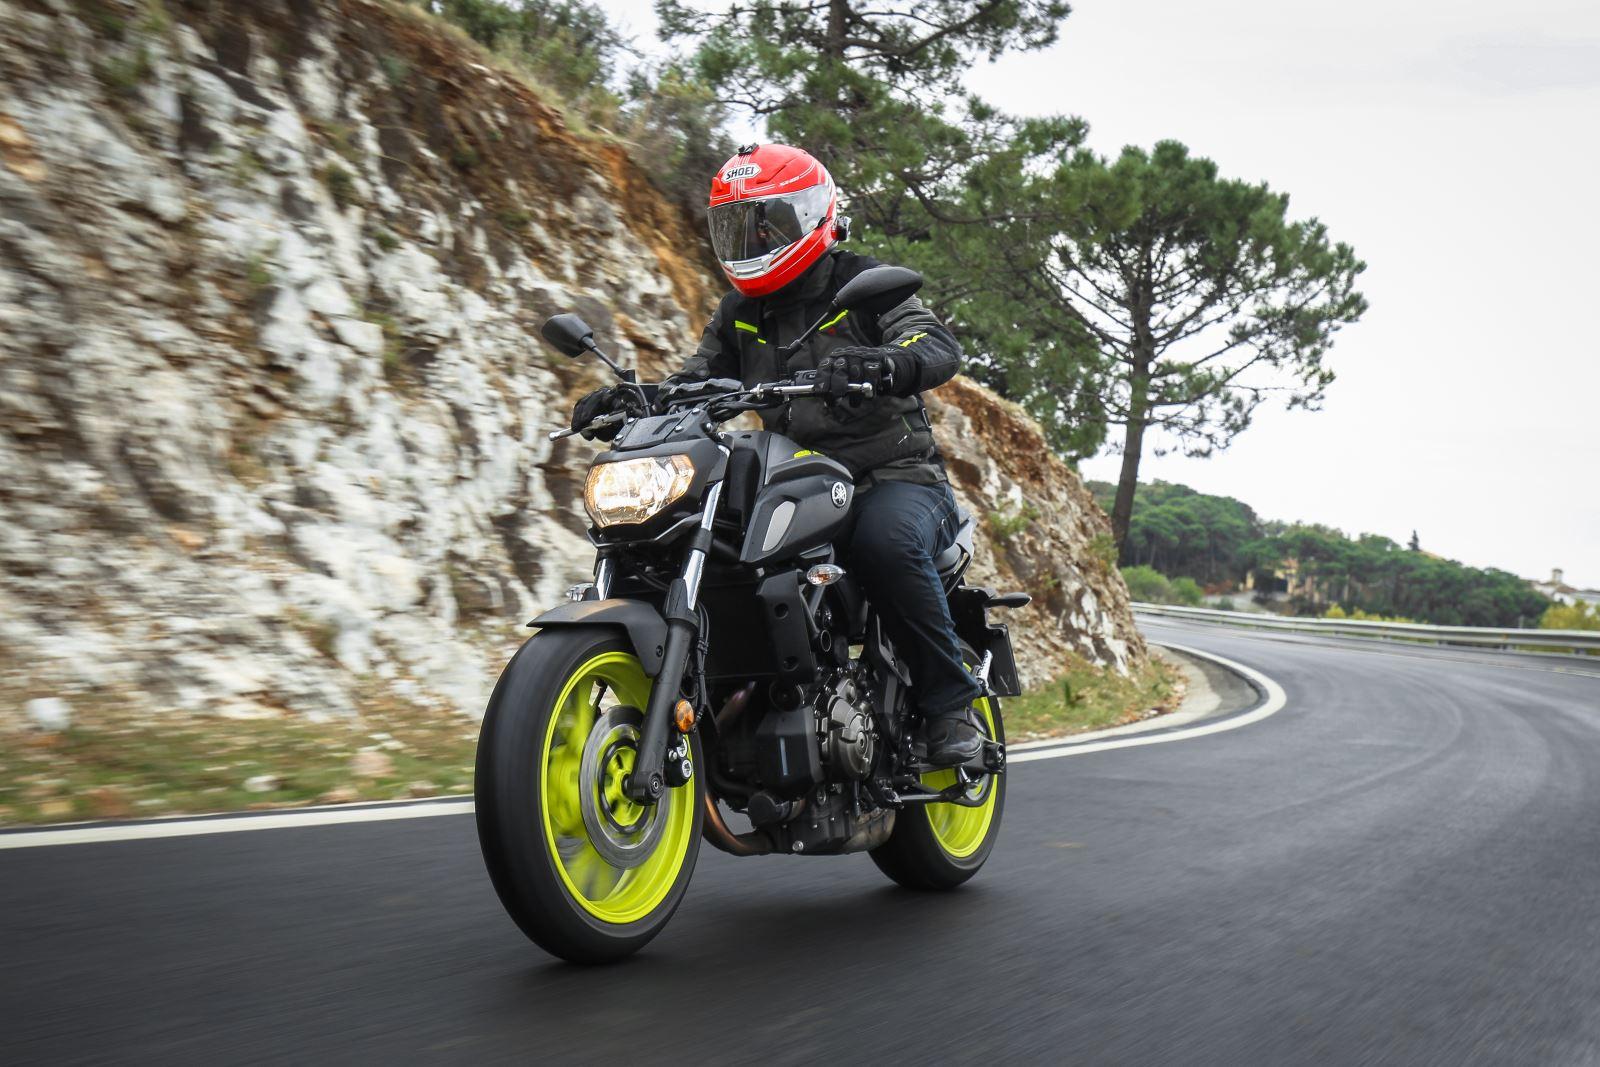 Motobike İstanbul Fuarı İzlenimleri 25. İçerik Fotoğrafı